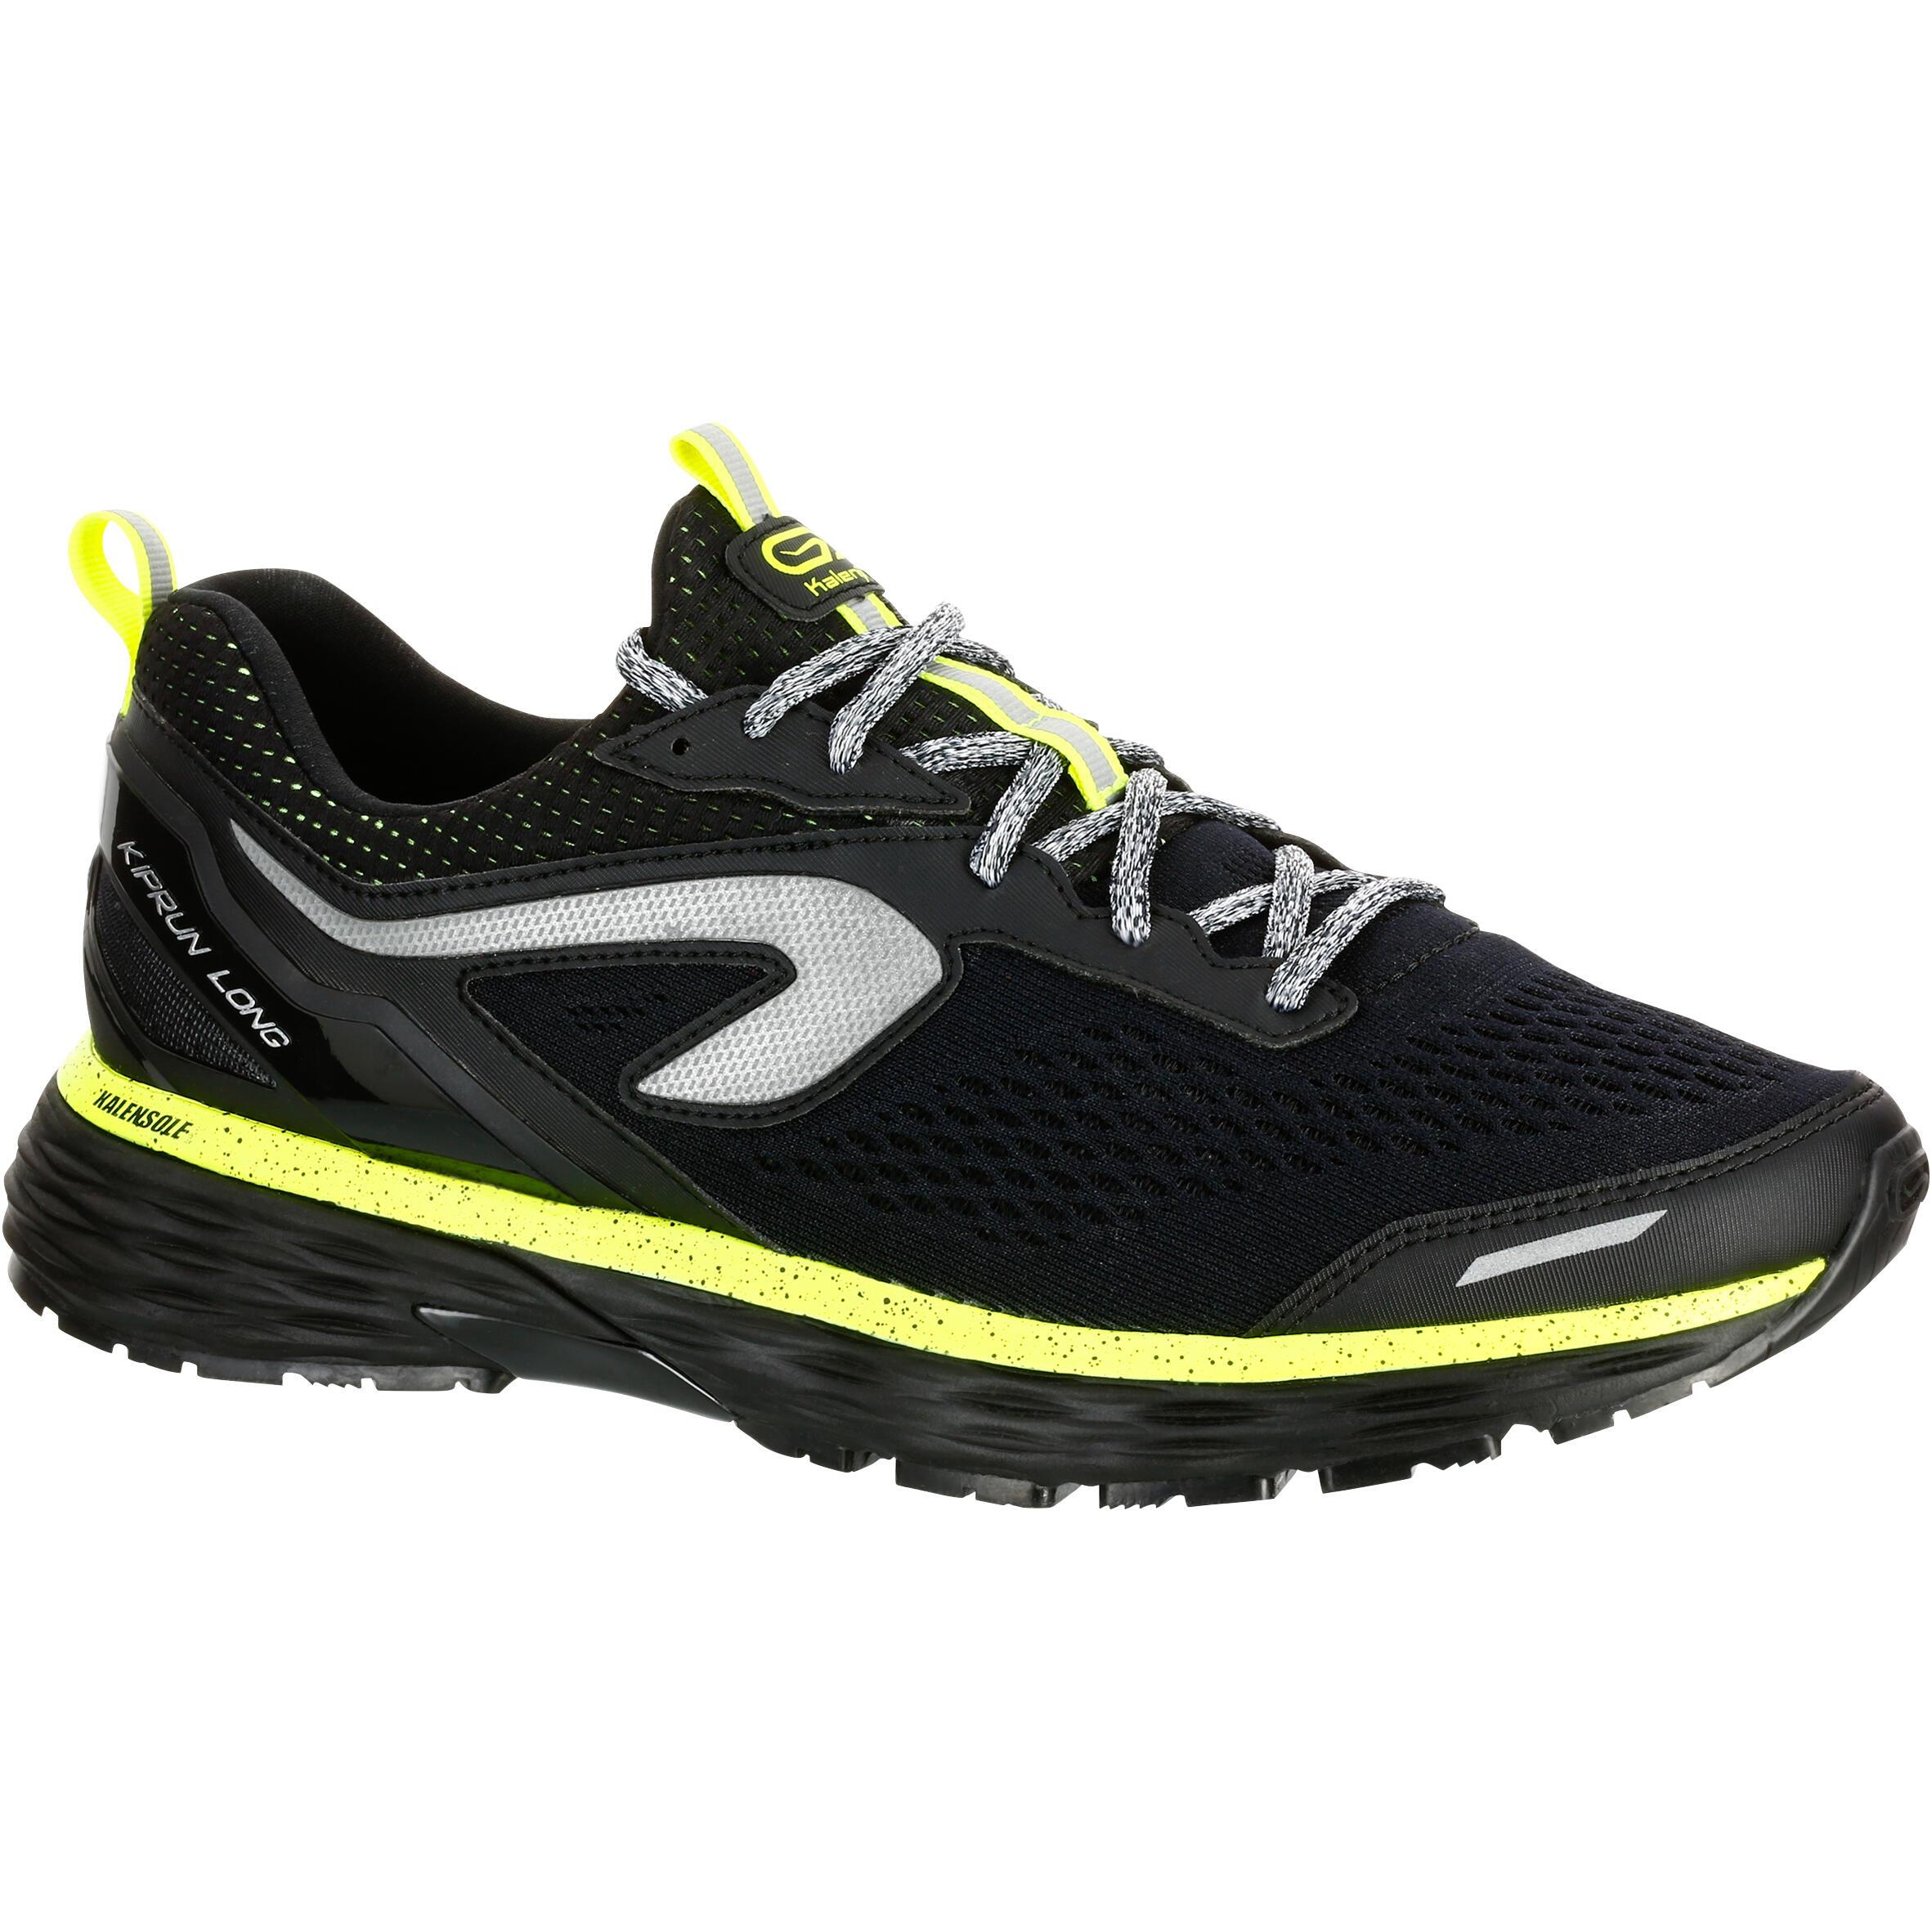 Kalenji Waterafstotende hardloopschoenen voor heren Kiprun Long zwart geel